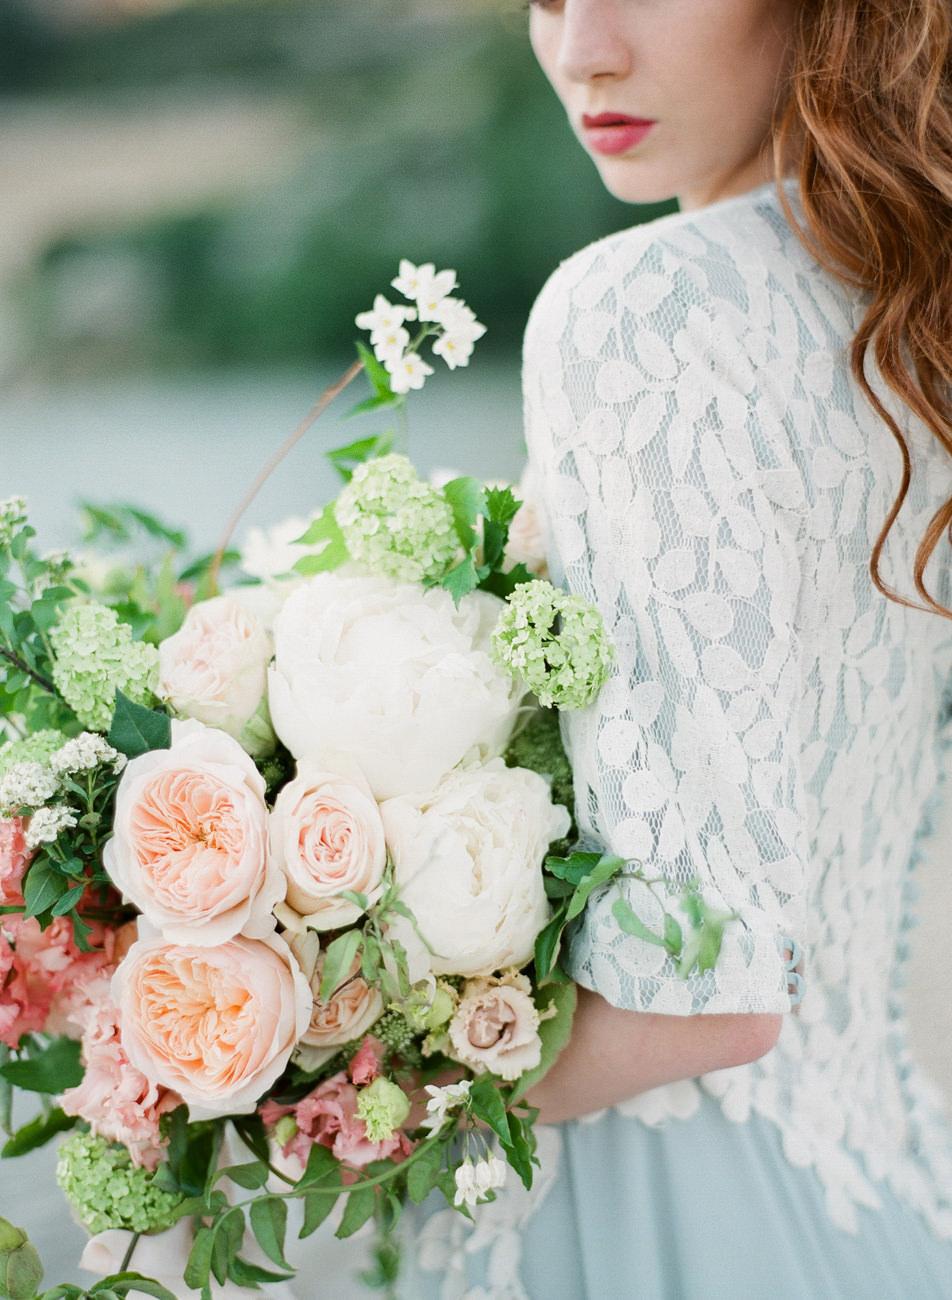 saint-guilhem-photographe-mariage-alain-m-8.jpg